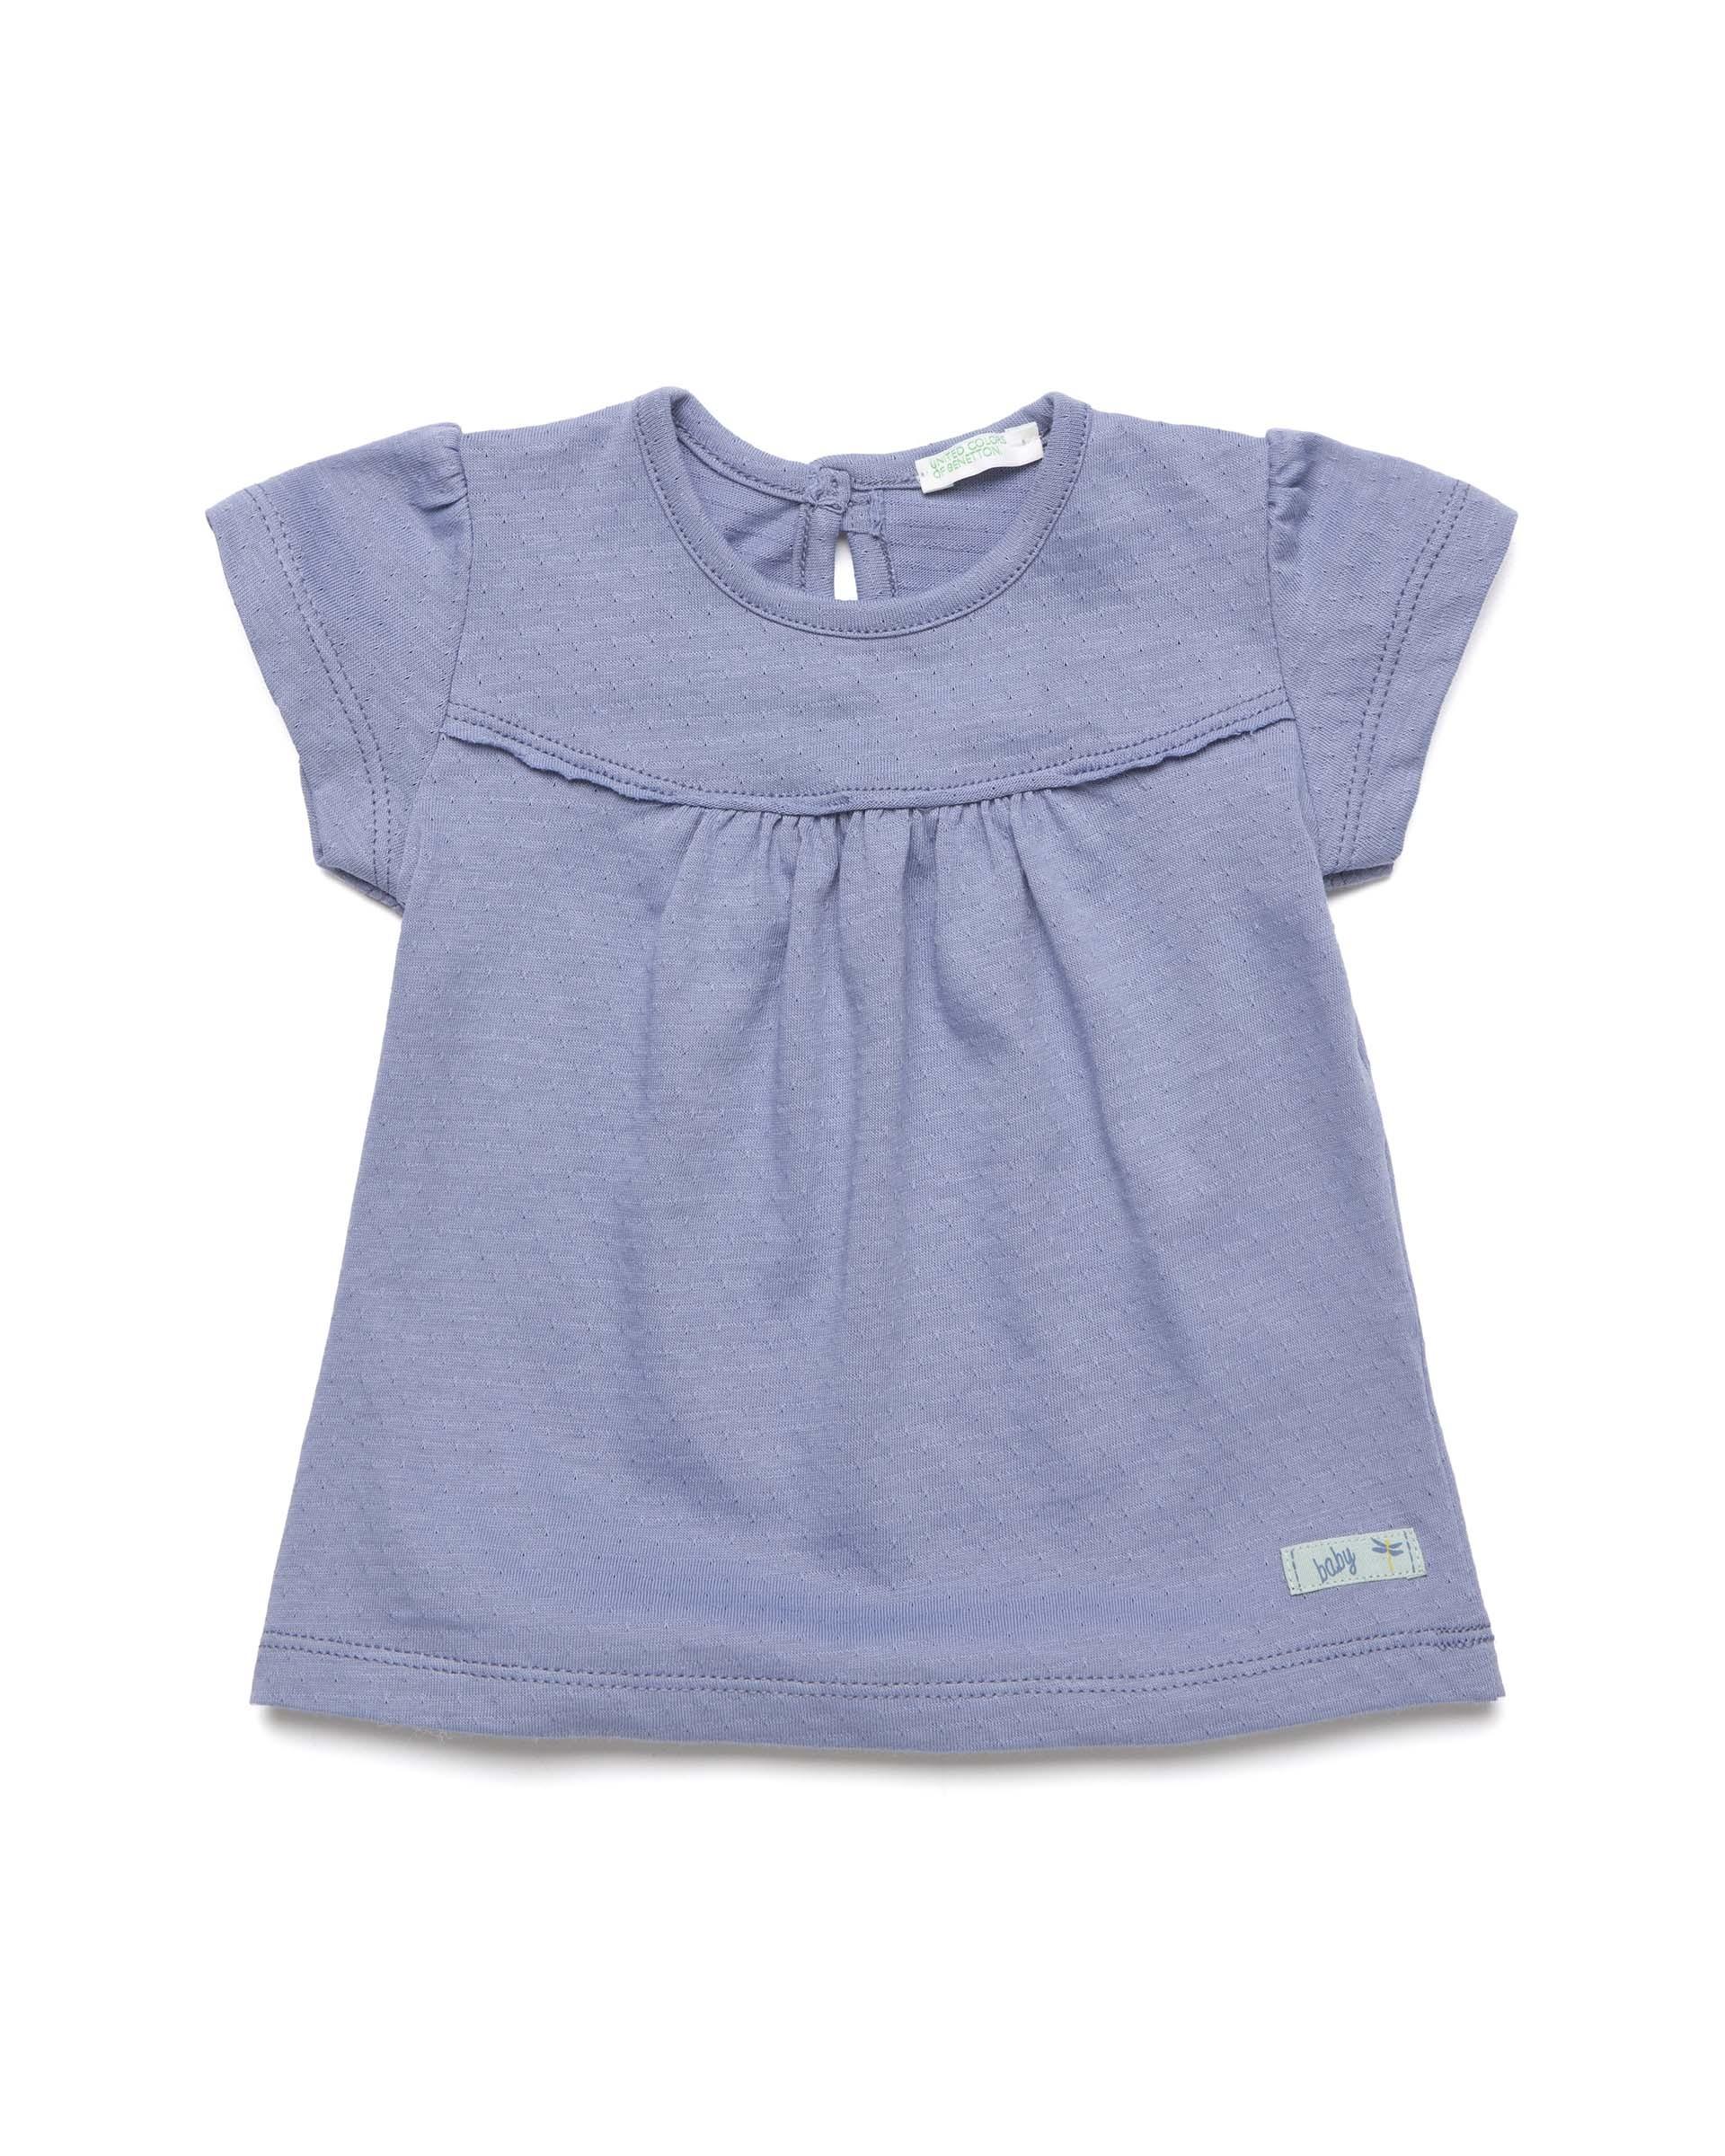 Купить 20P_3A1AMM25X_096, Футболка для девочек Benetton 3A1AMM25X_096 р-р 74, United Colors of Benetton, Кофточки, футболки для новорожденных